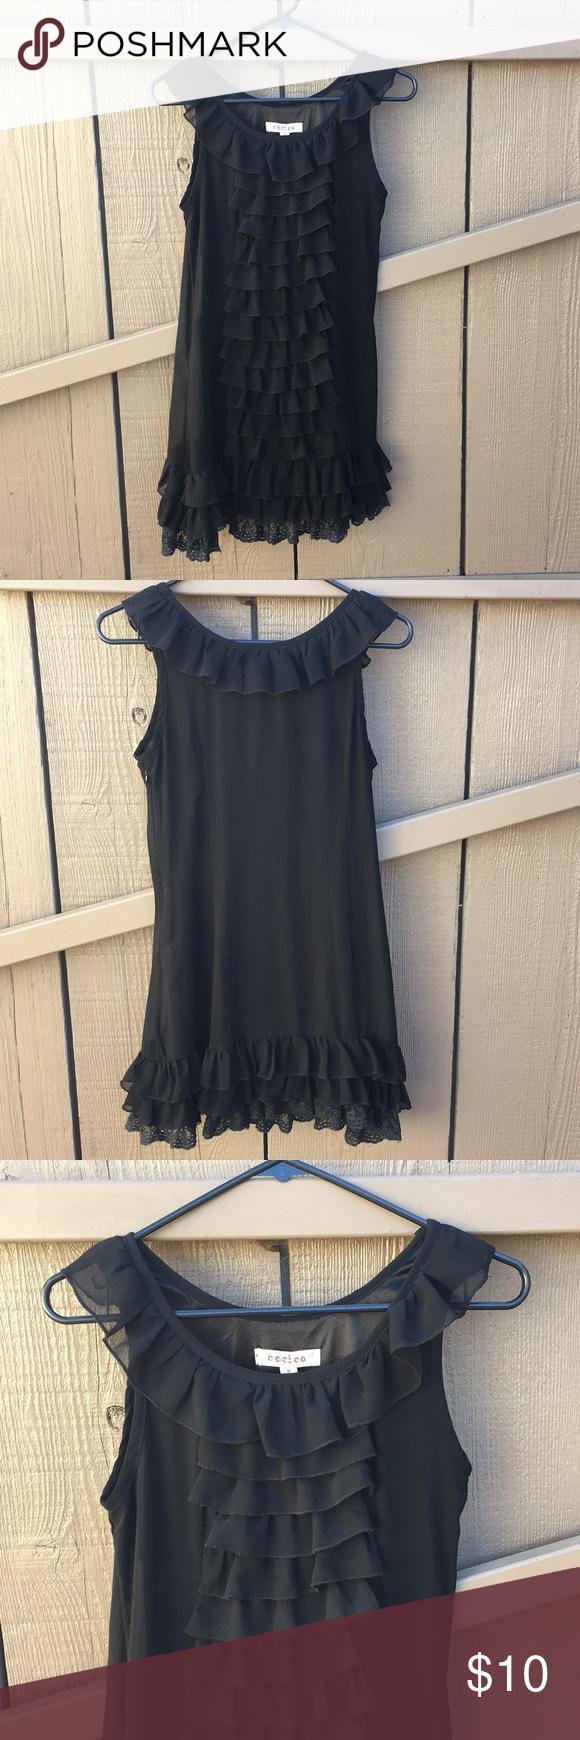 Black ruffle dress black ruffle ruffle dress and ruffles